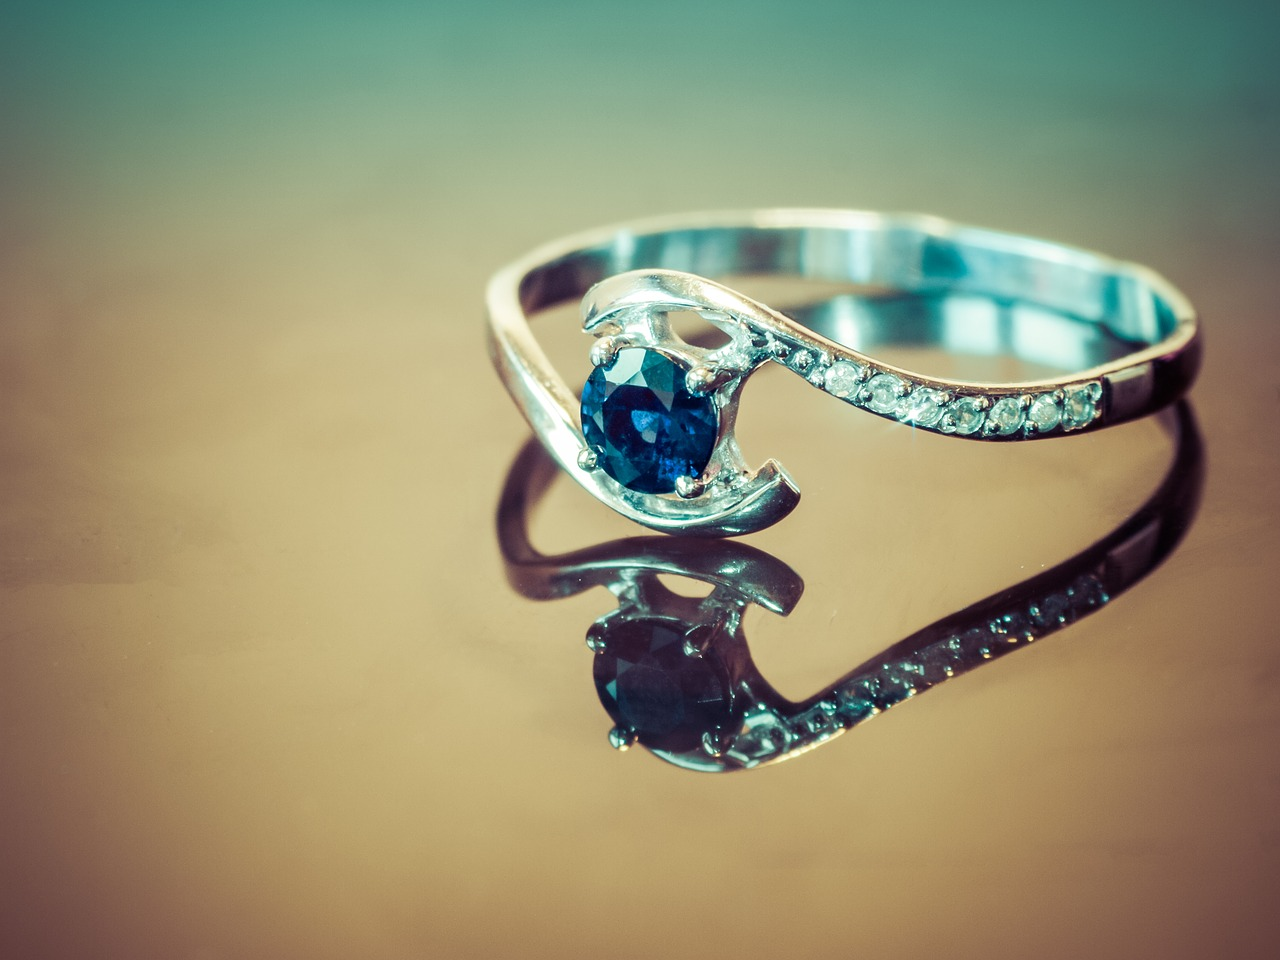 مجوهرات حجر الزفير تحبس الأنفاس